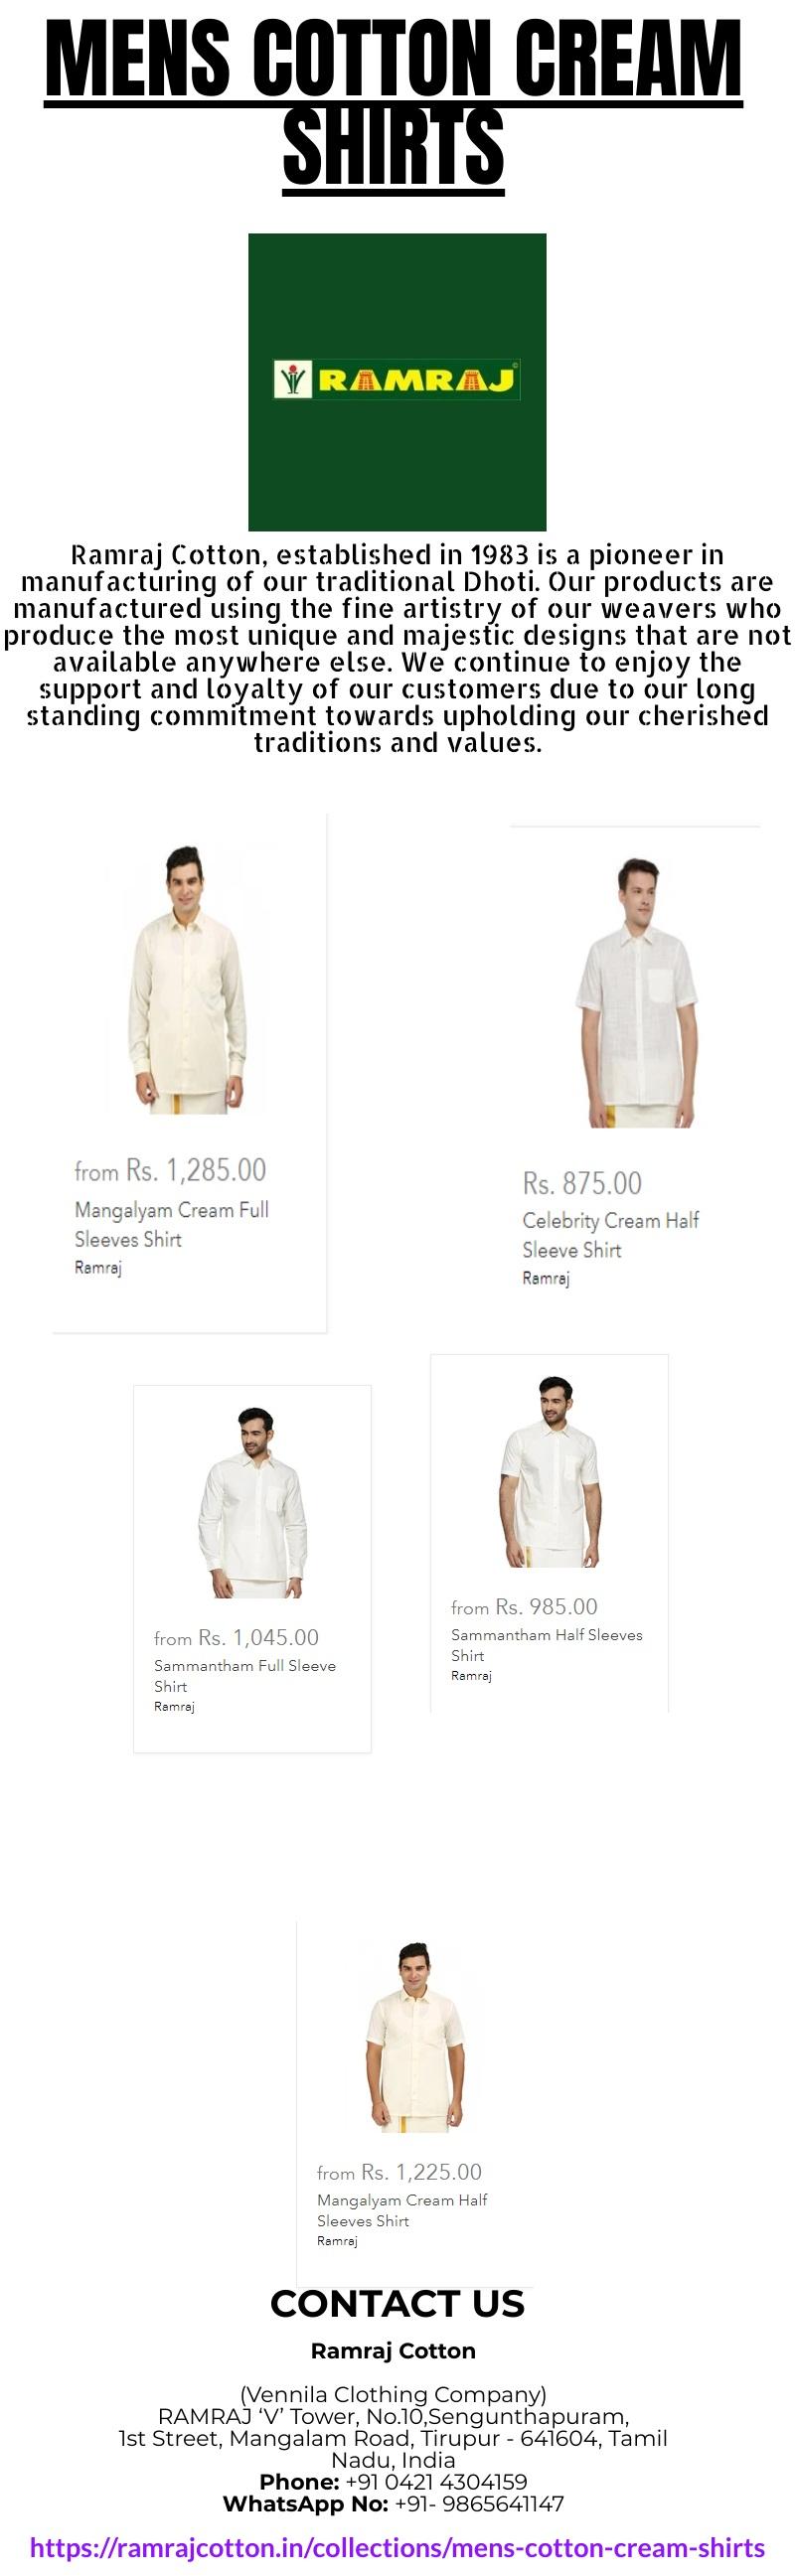 Ramraj Cotton Cream Shirts | Ramraj Shirts | Ramraj Cotton